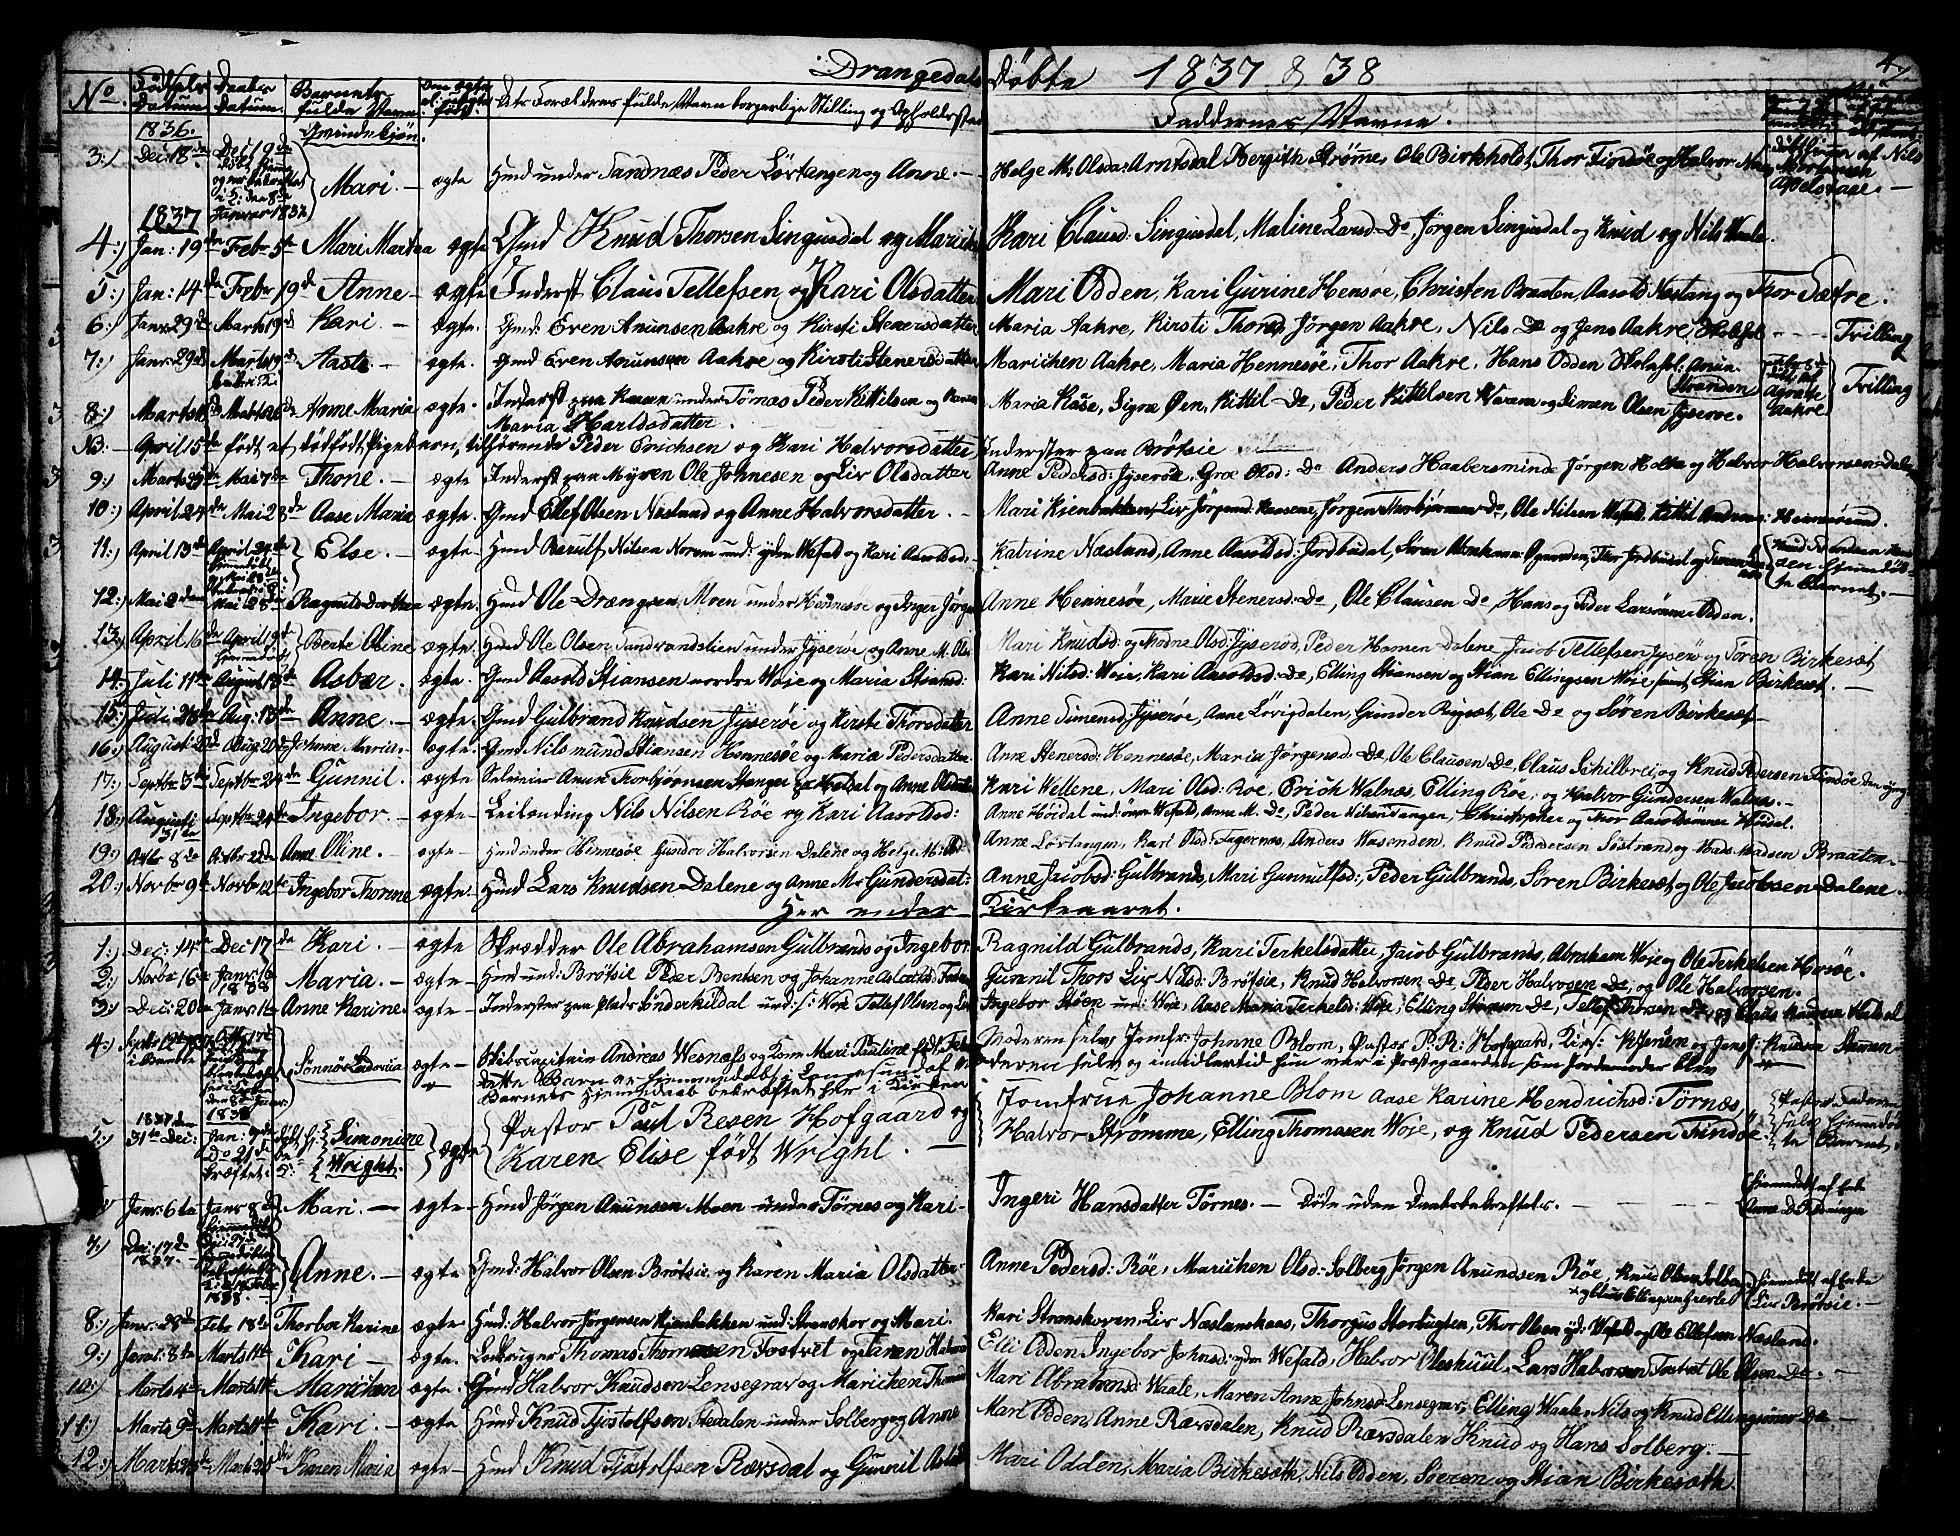 SAKO, Drangedal kirkebøker, G/Ga/L0001: Klokkerbok nr. I 1 /1, 1814-1856, s. 4